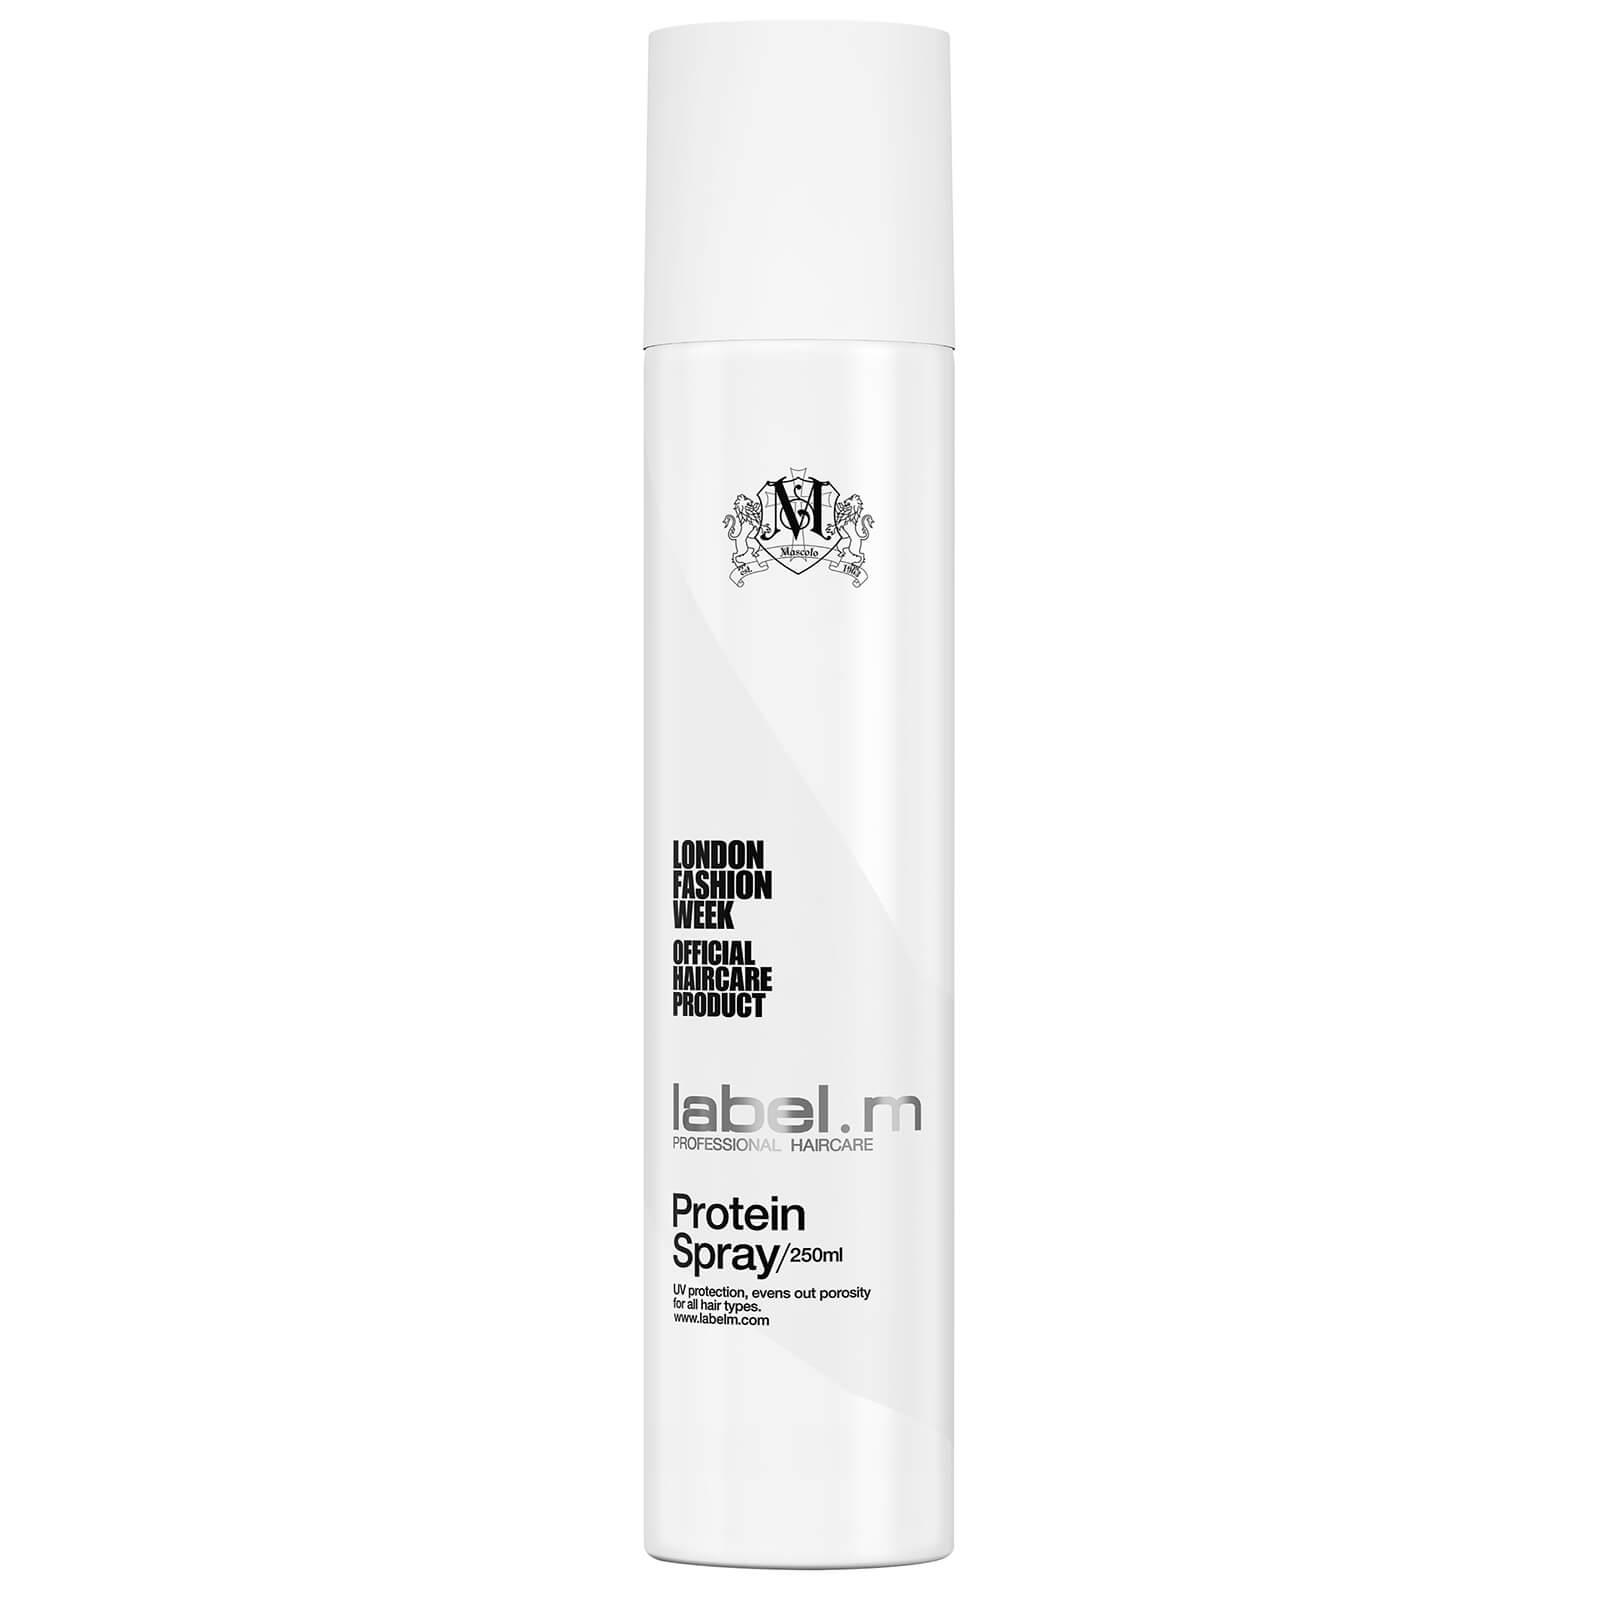 label.m Protein Spray - 250ml